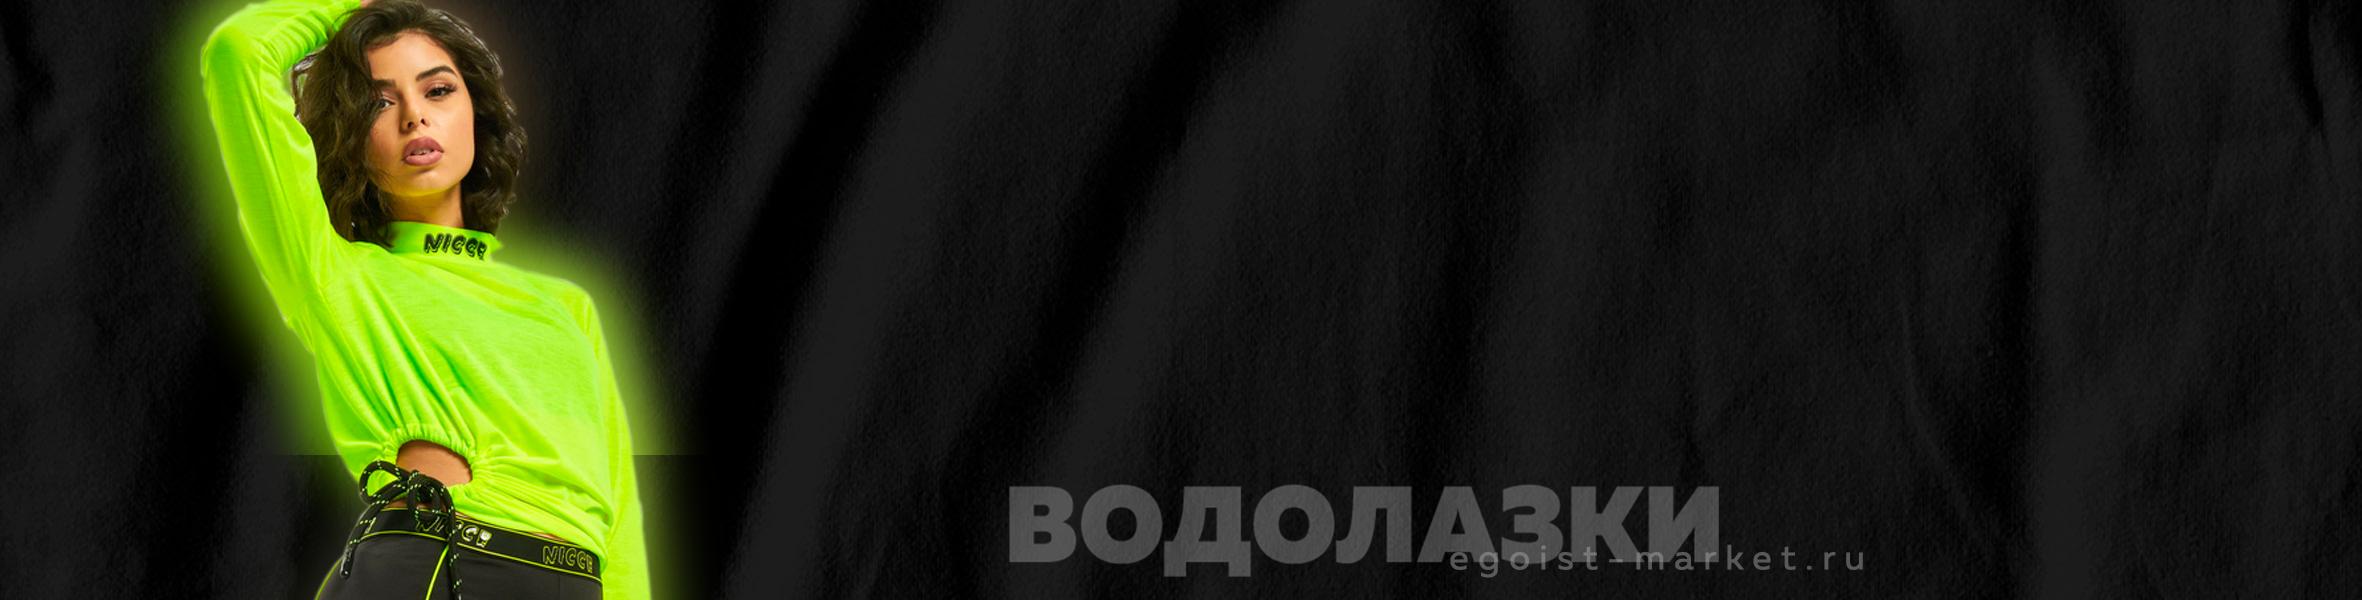 Онлайн каталог стильных и модных женских водолазок и футболок с длинным рукавом